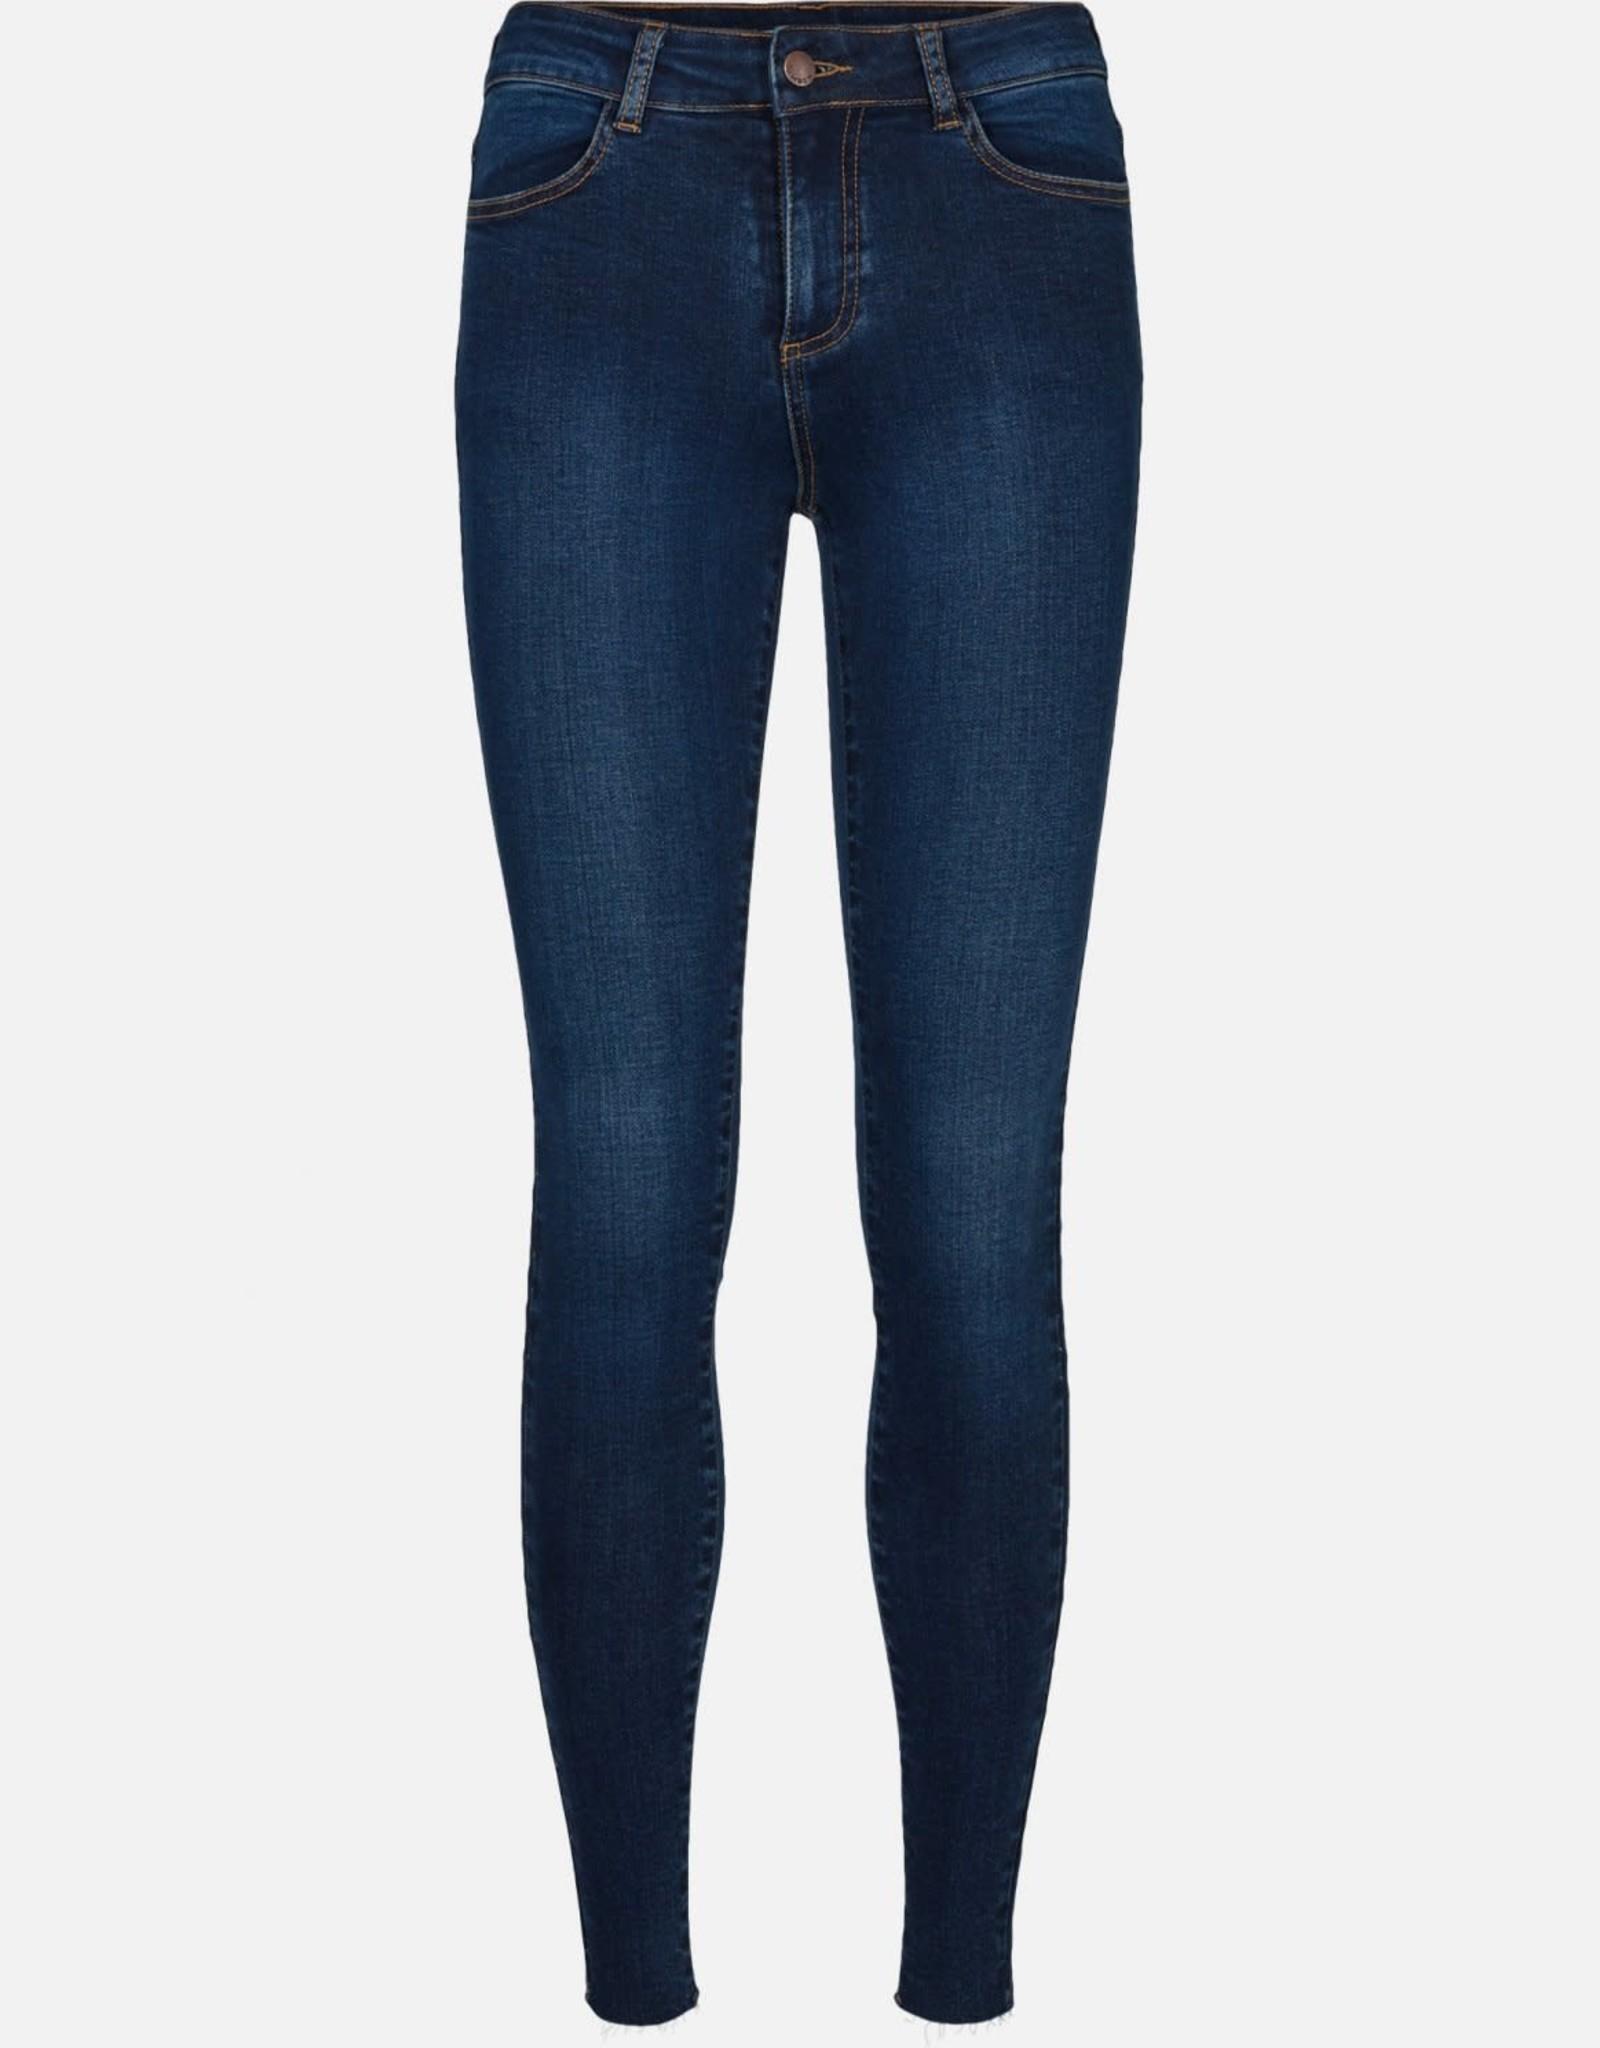 Moss Copenhagen MSCH - Petra Skinny jeans - Mid blue wash